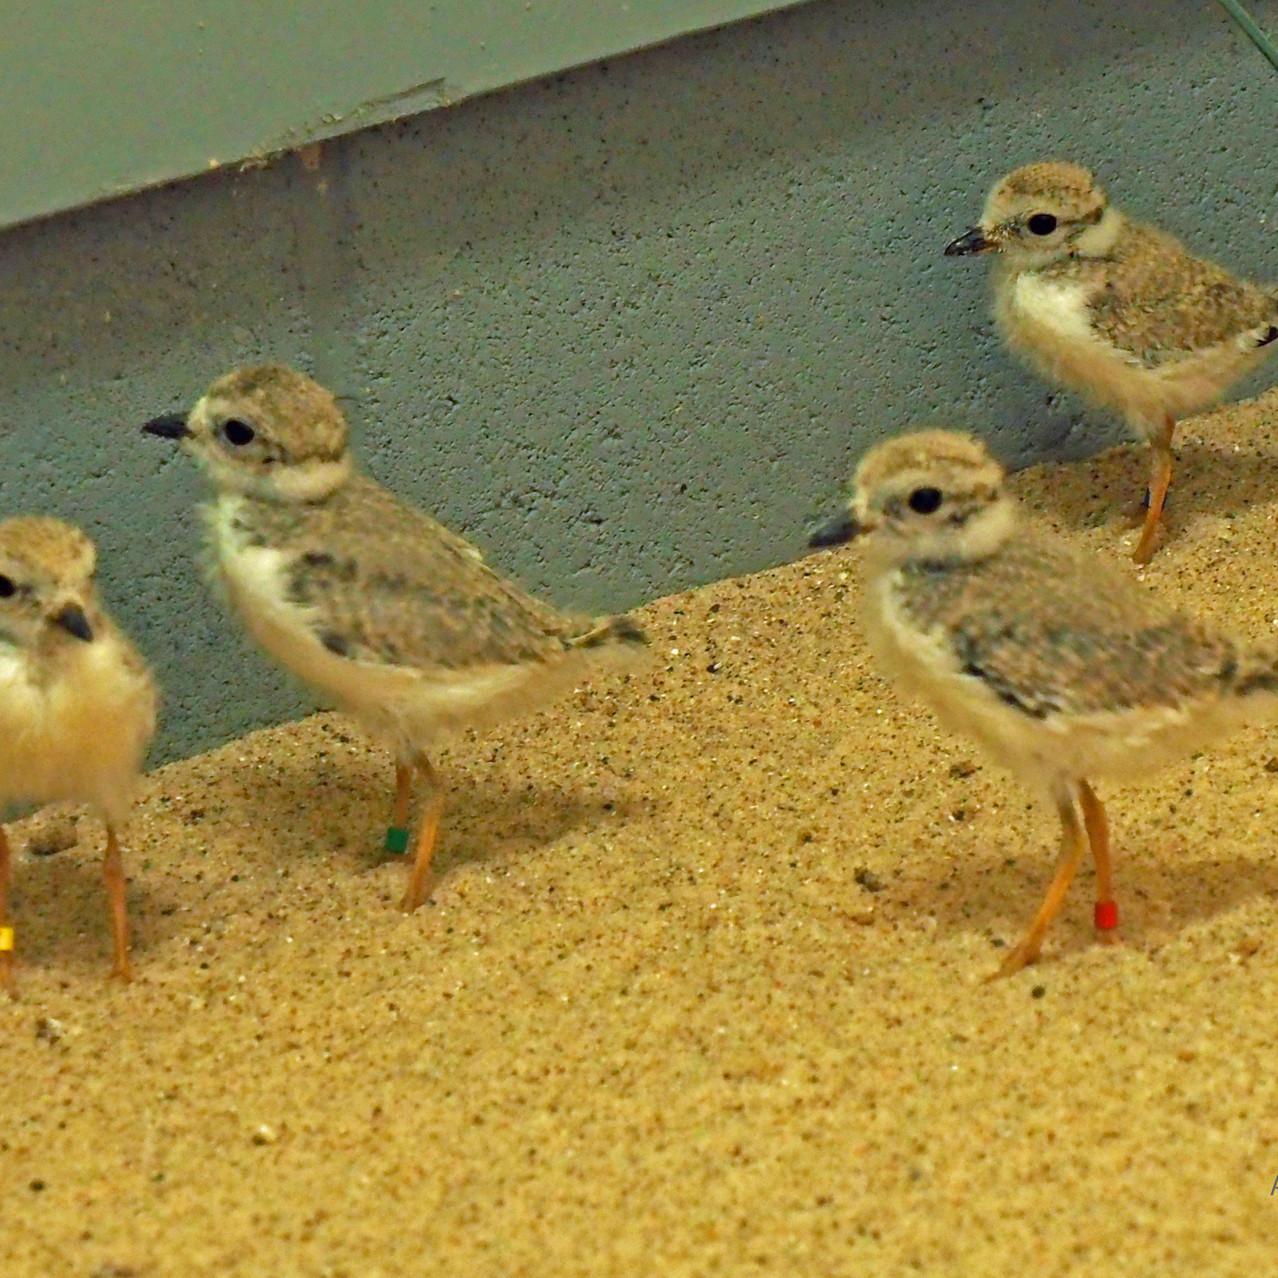 Big chicks at captive-rearing